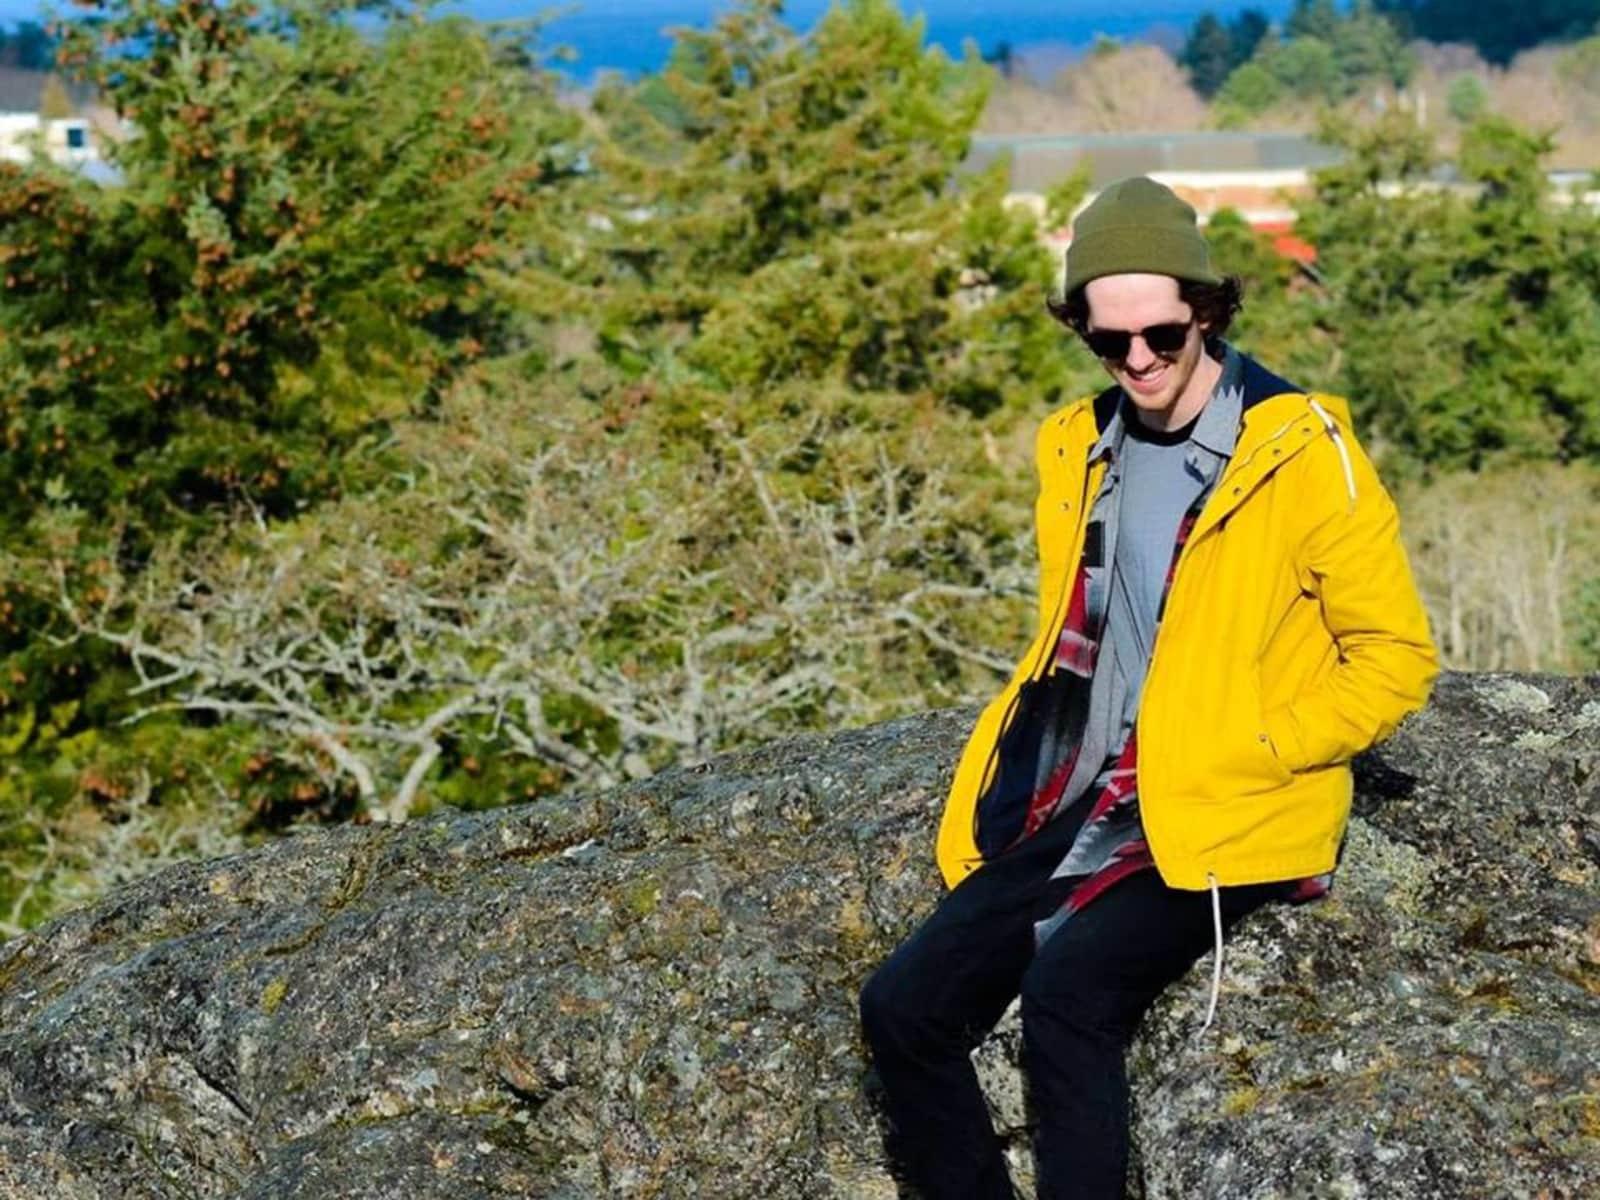 Logan from Tauranga, New Zealand